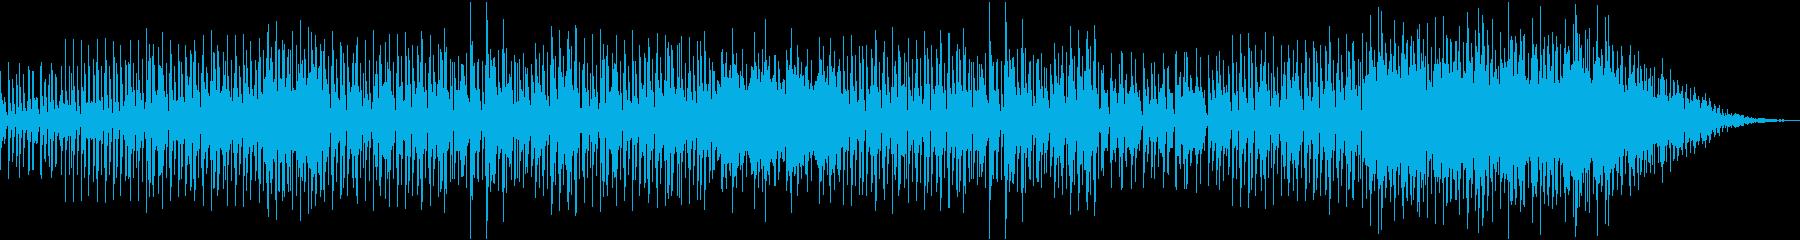 かわいい鍵盤ハーモニカ マリンバ ギターの再生済みの波形